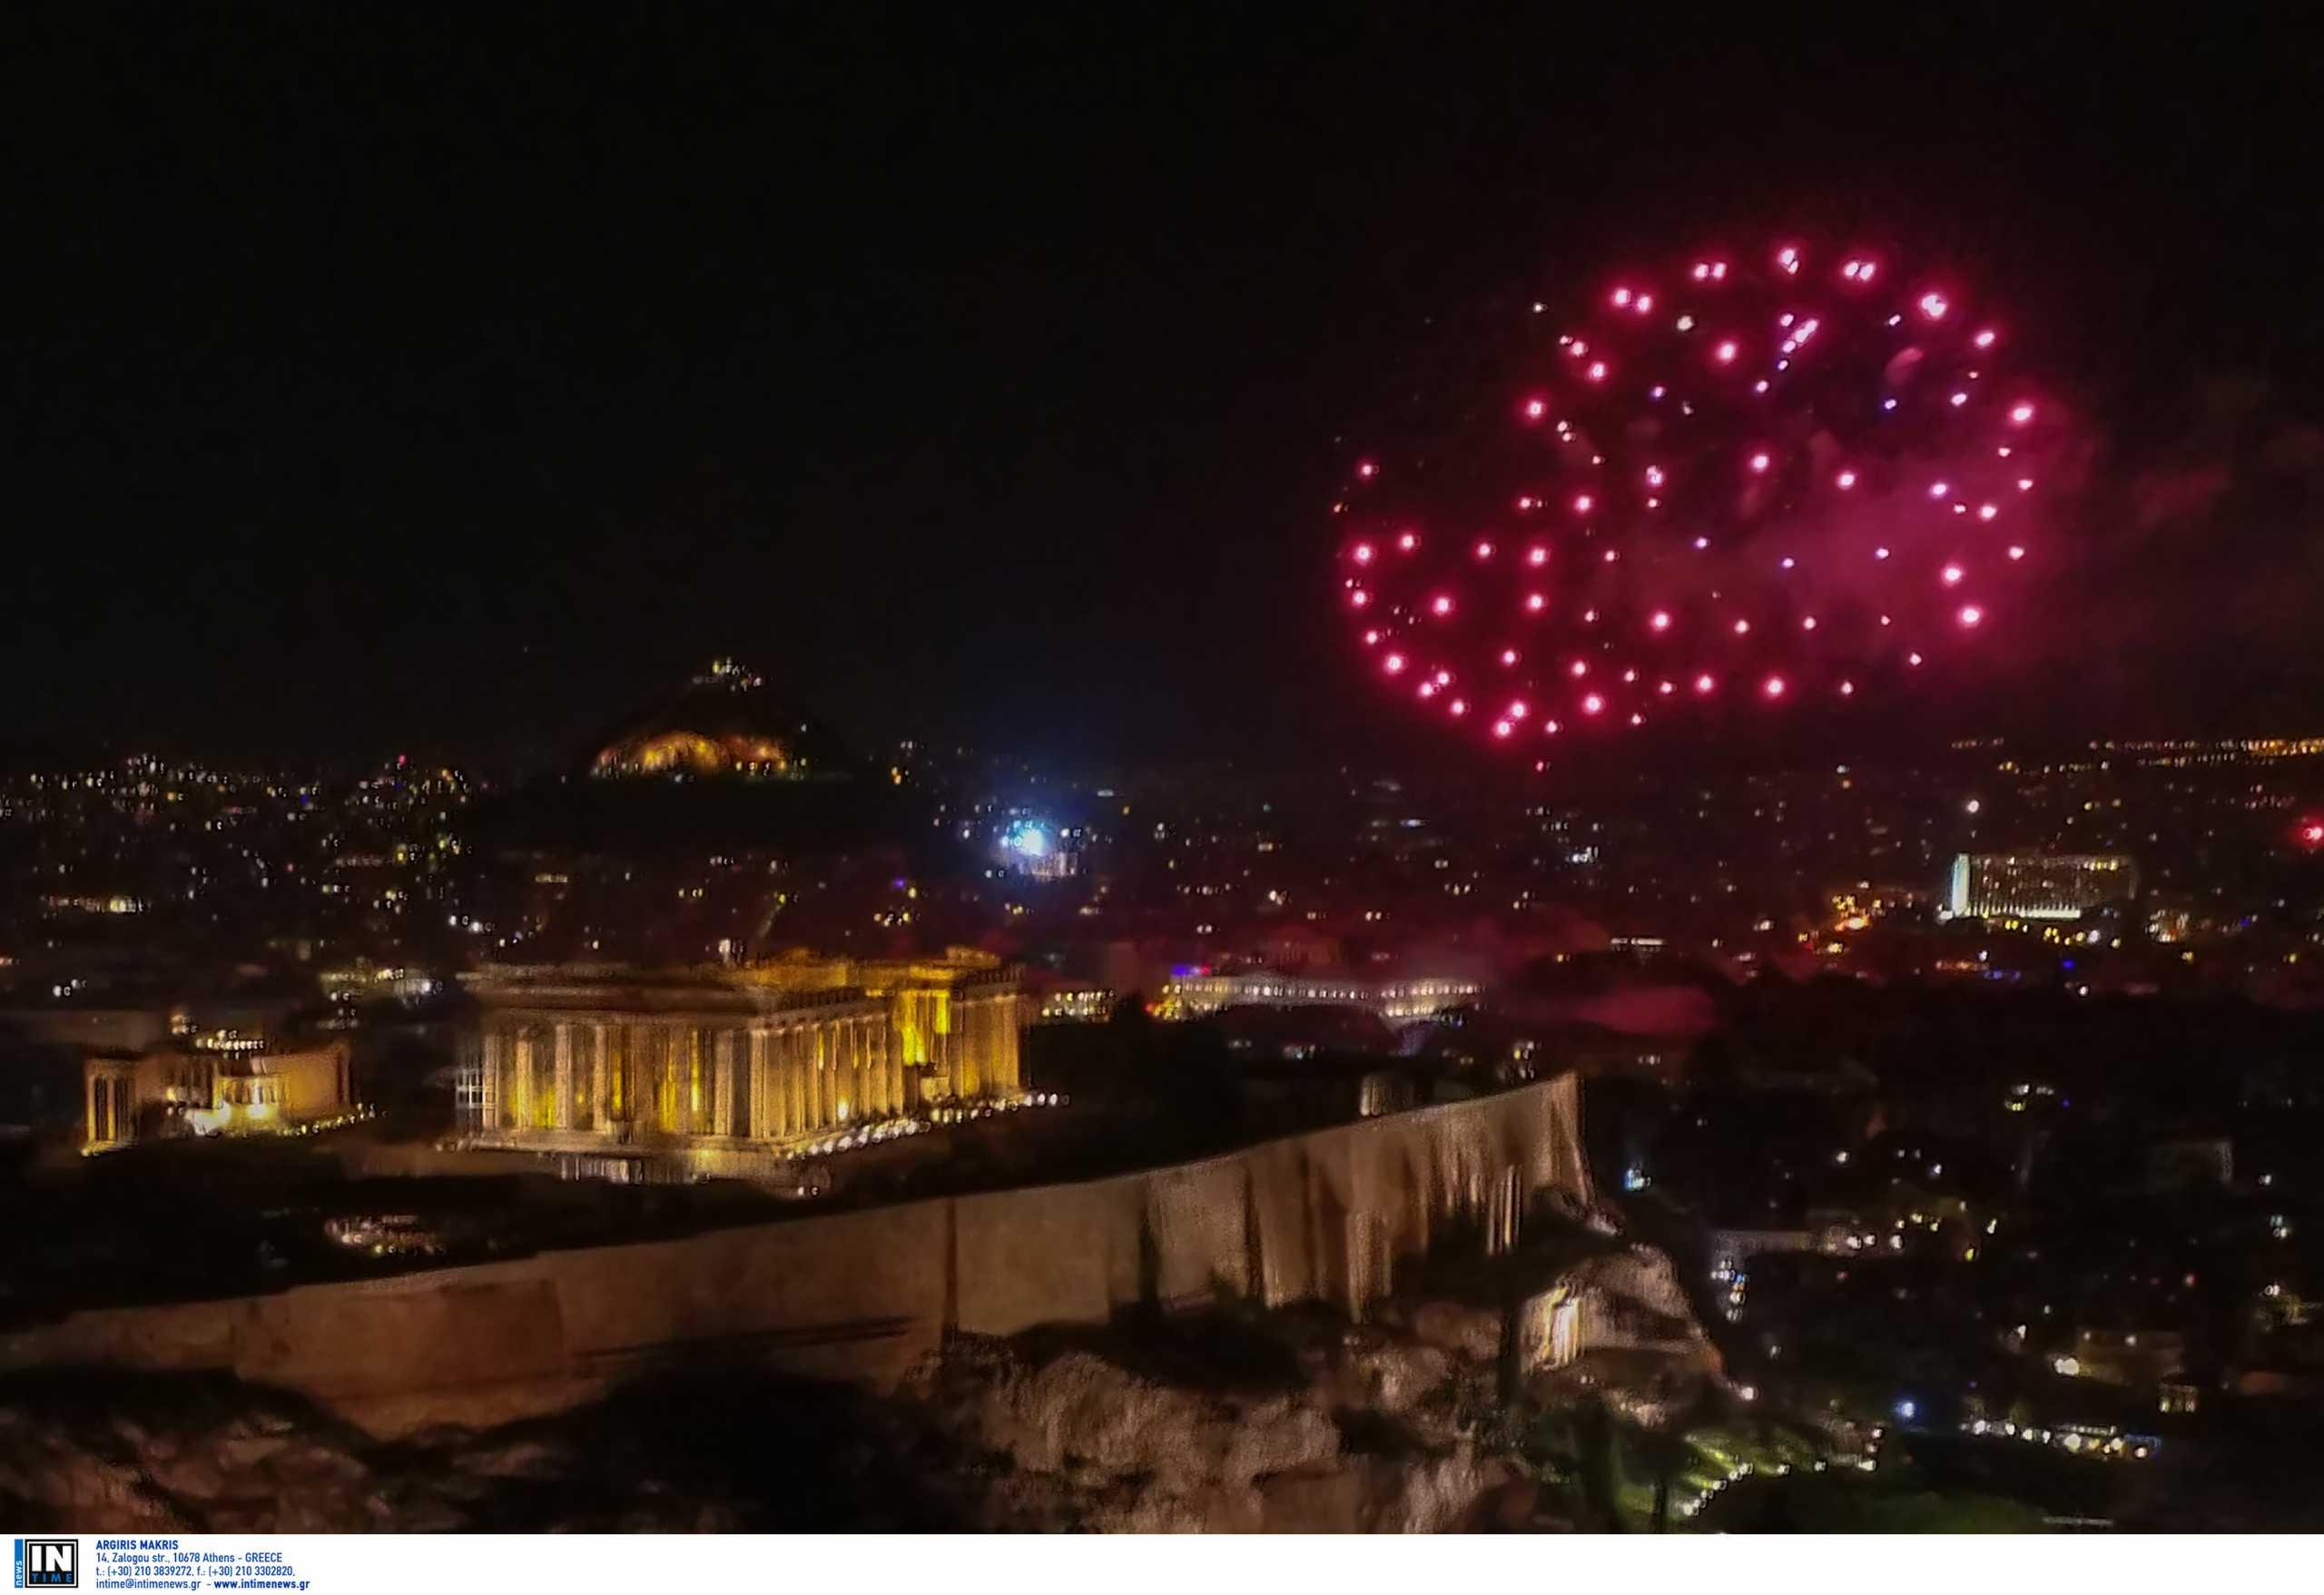 Δήμος Αθηναίων: «Αλλάζουμε τον χρόνο όλοι μαζί – Στείλε την ευχή σου για το 2021»